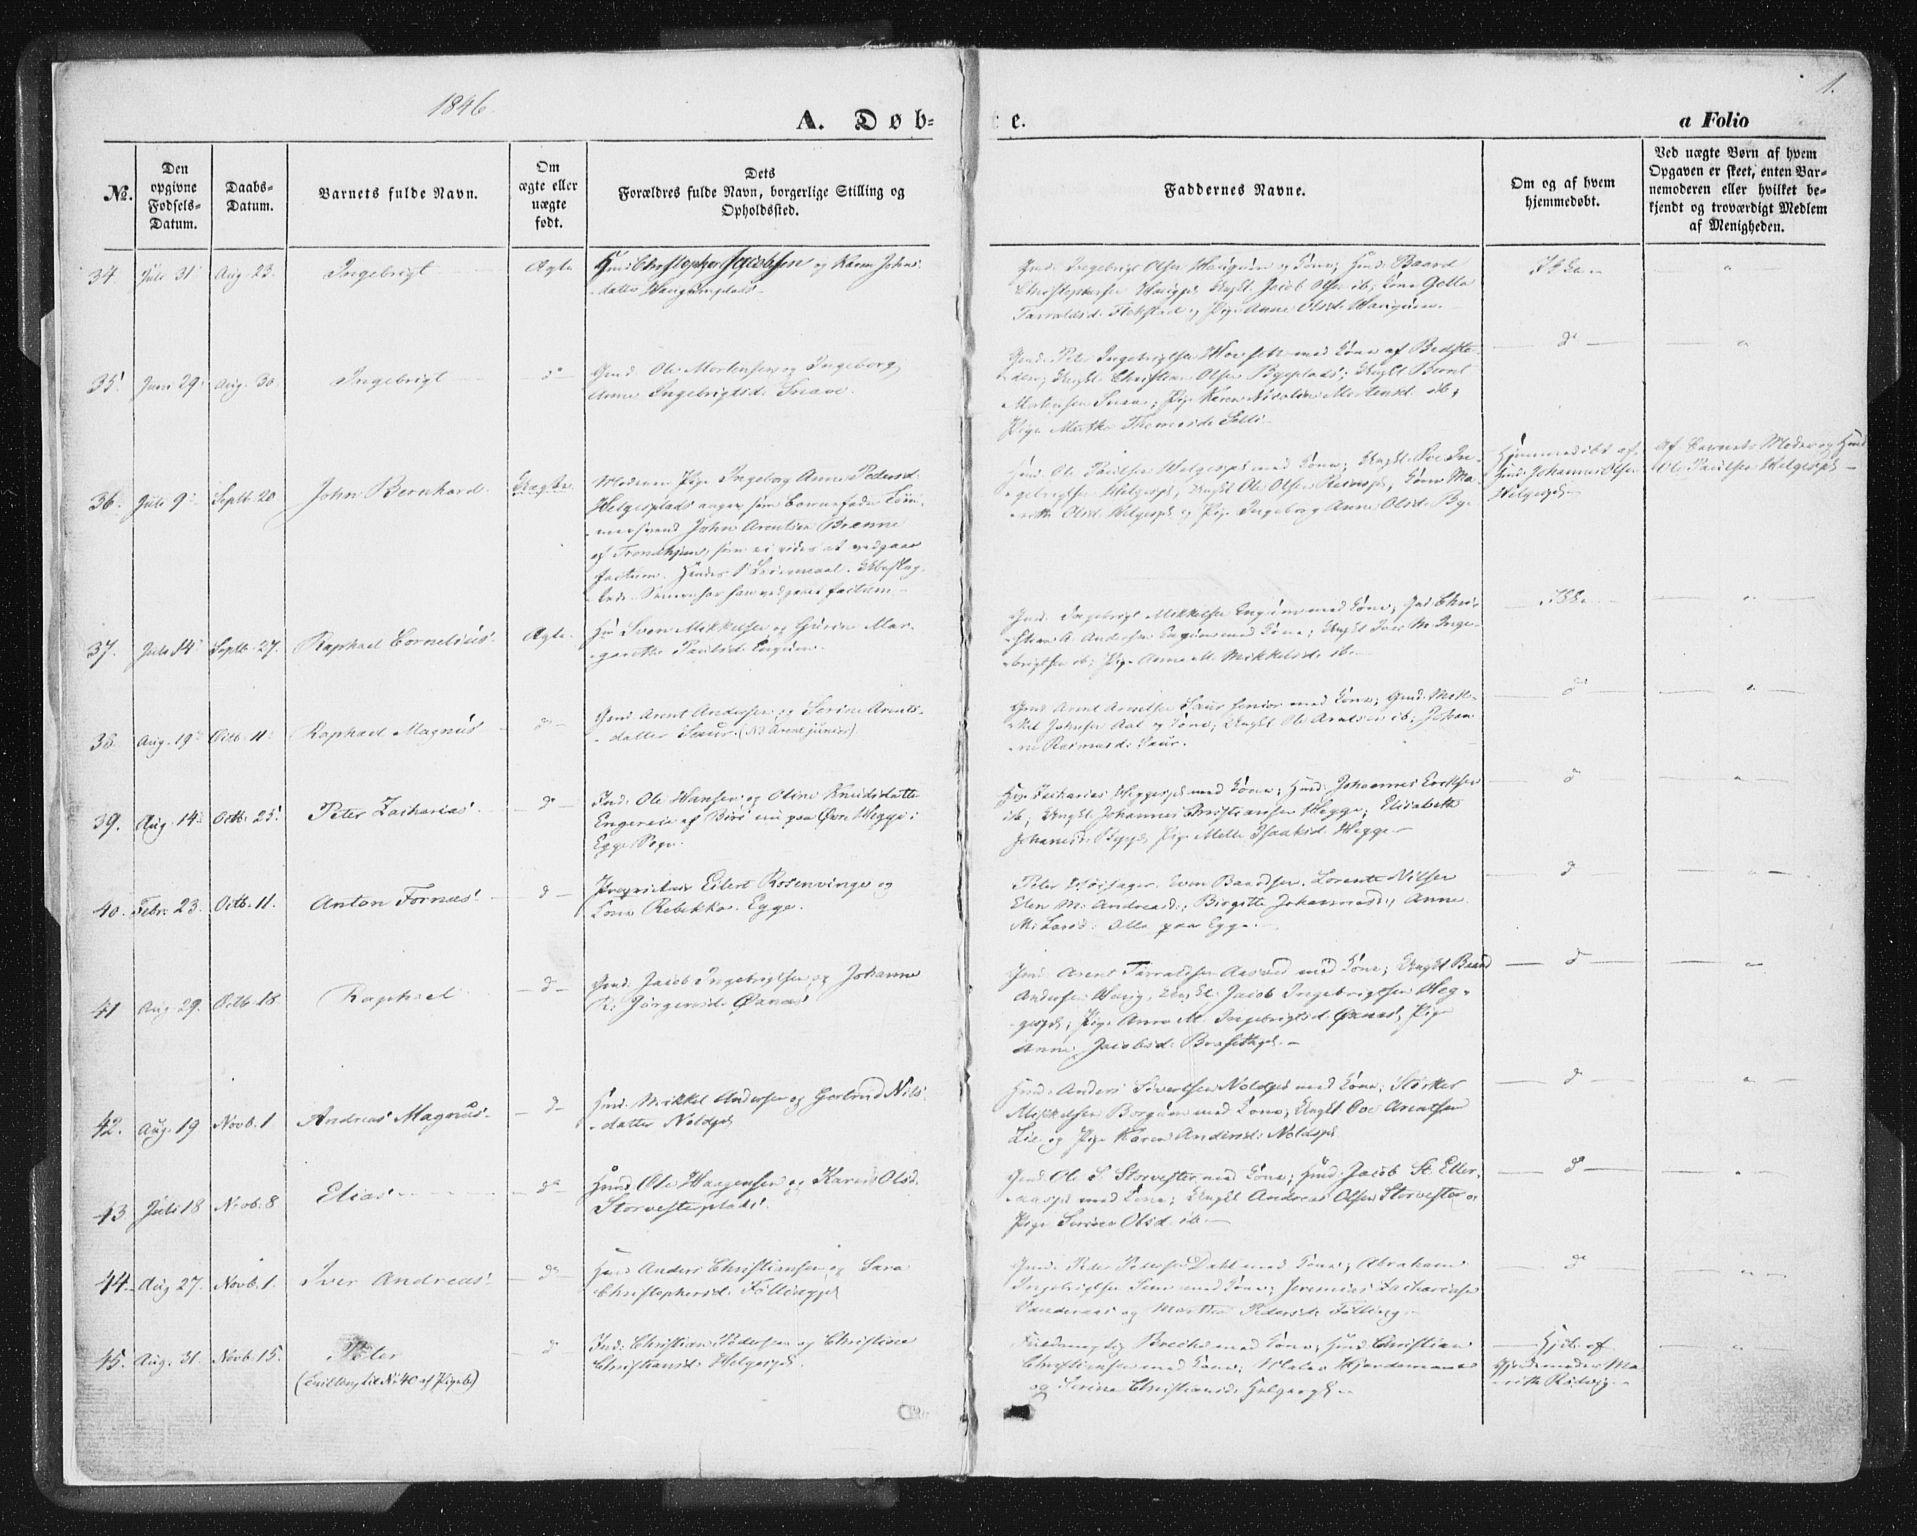 SAT, Ministerialprotokoller, klokkerbøker og fødselsregistre - Nord-Trøndelag, 746/L0446: Ministerialbok nr. 746A05, 1846-1859, s. 1